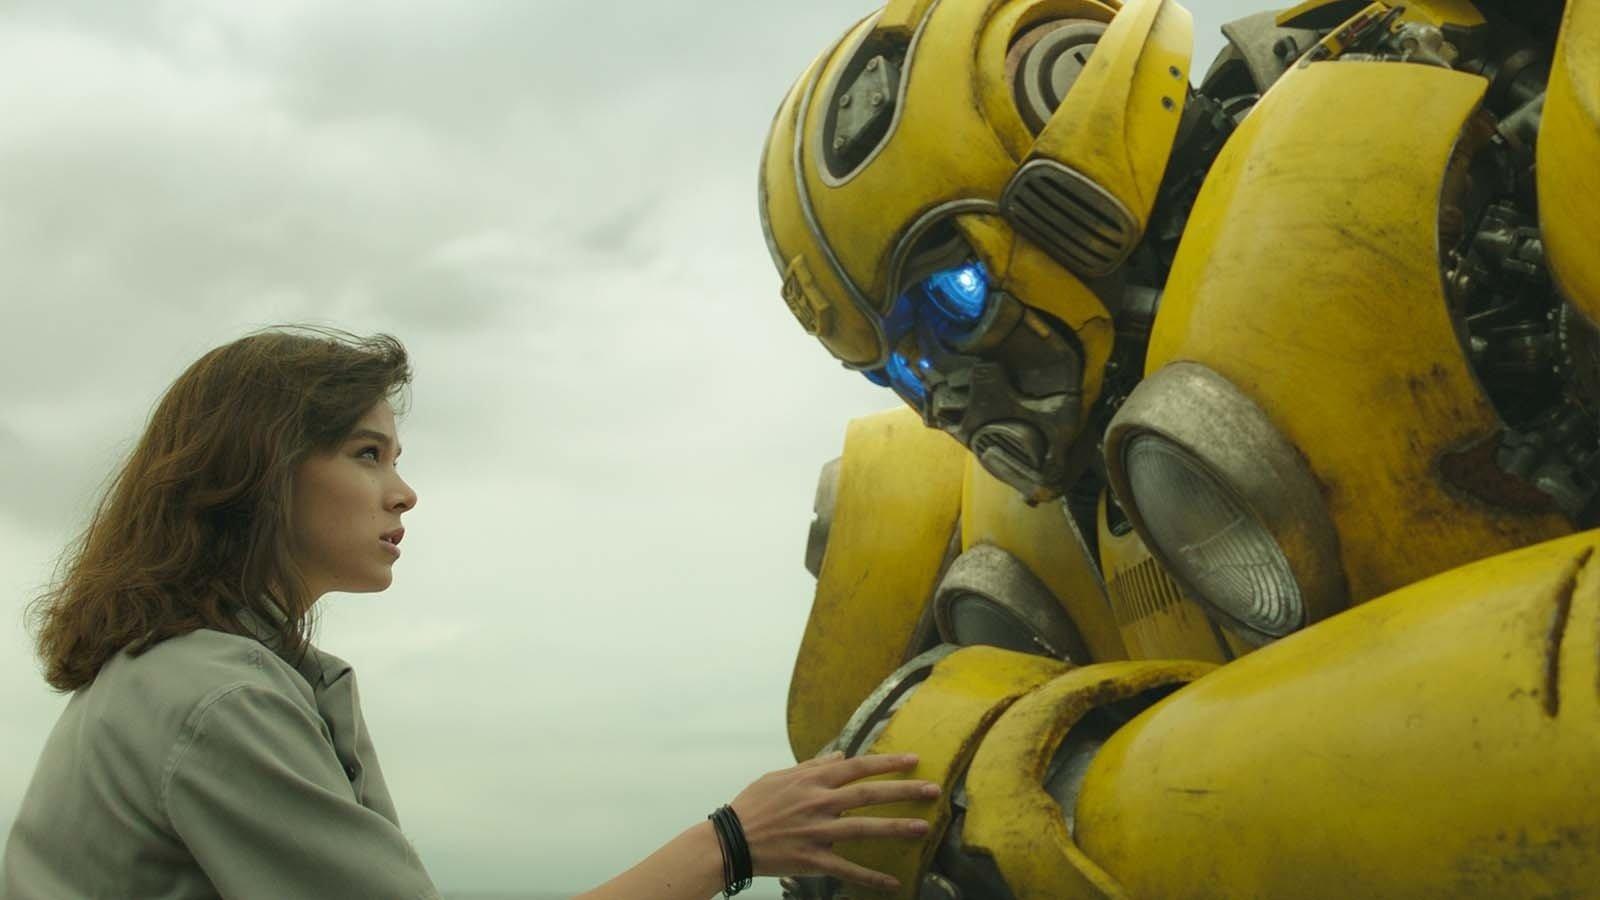 """《大黄蜂》发布""""经典归来""""制作特辑,导演称要让变形金刚形象回归 G1 经典造型"""